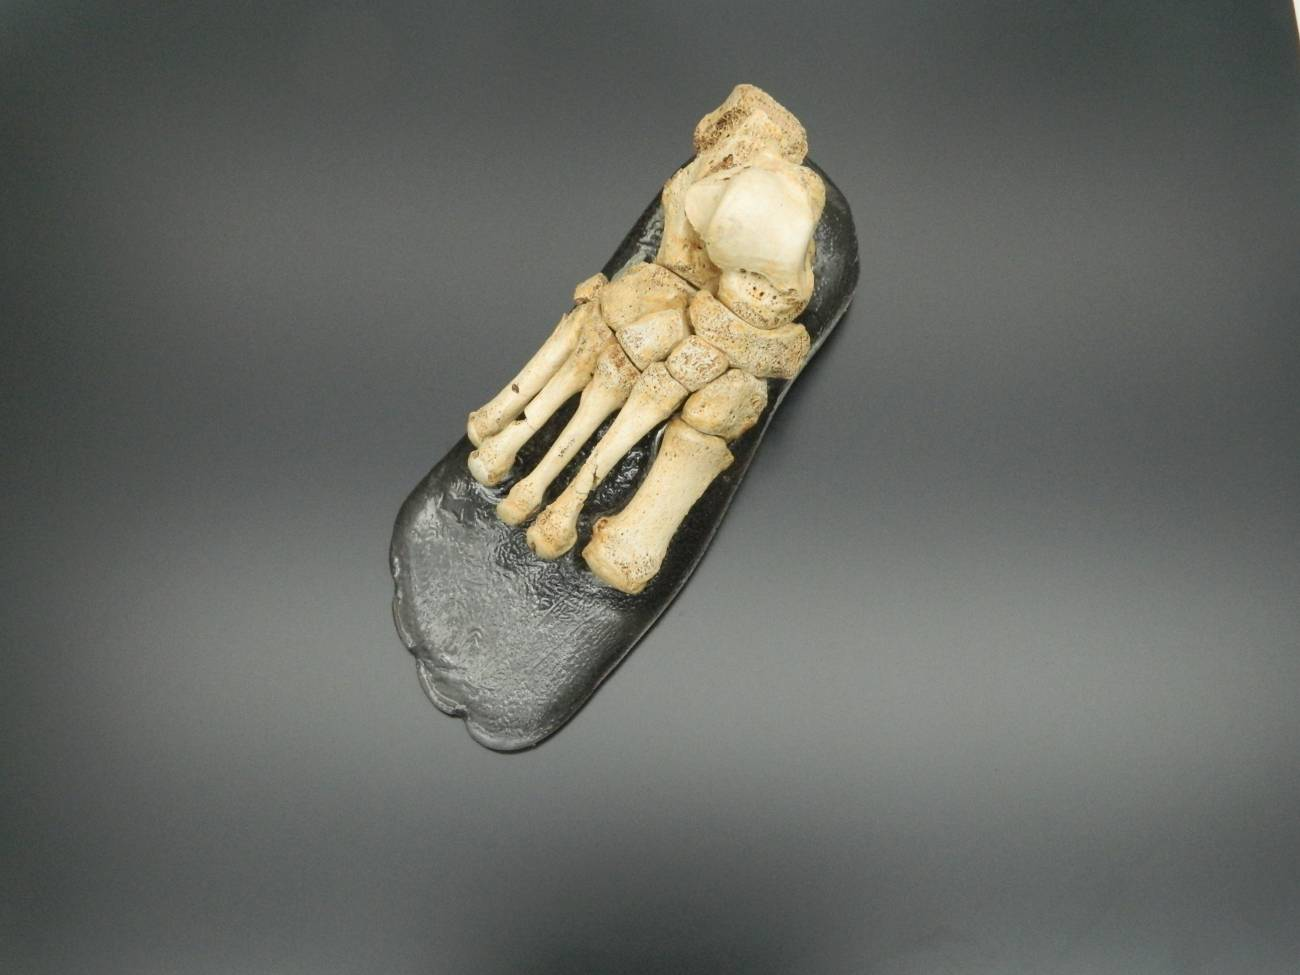 Se estima que el pie podría tener una antigüedad de medio millón de años. / MEH